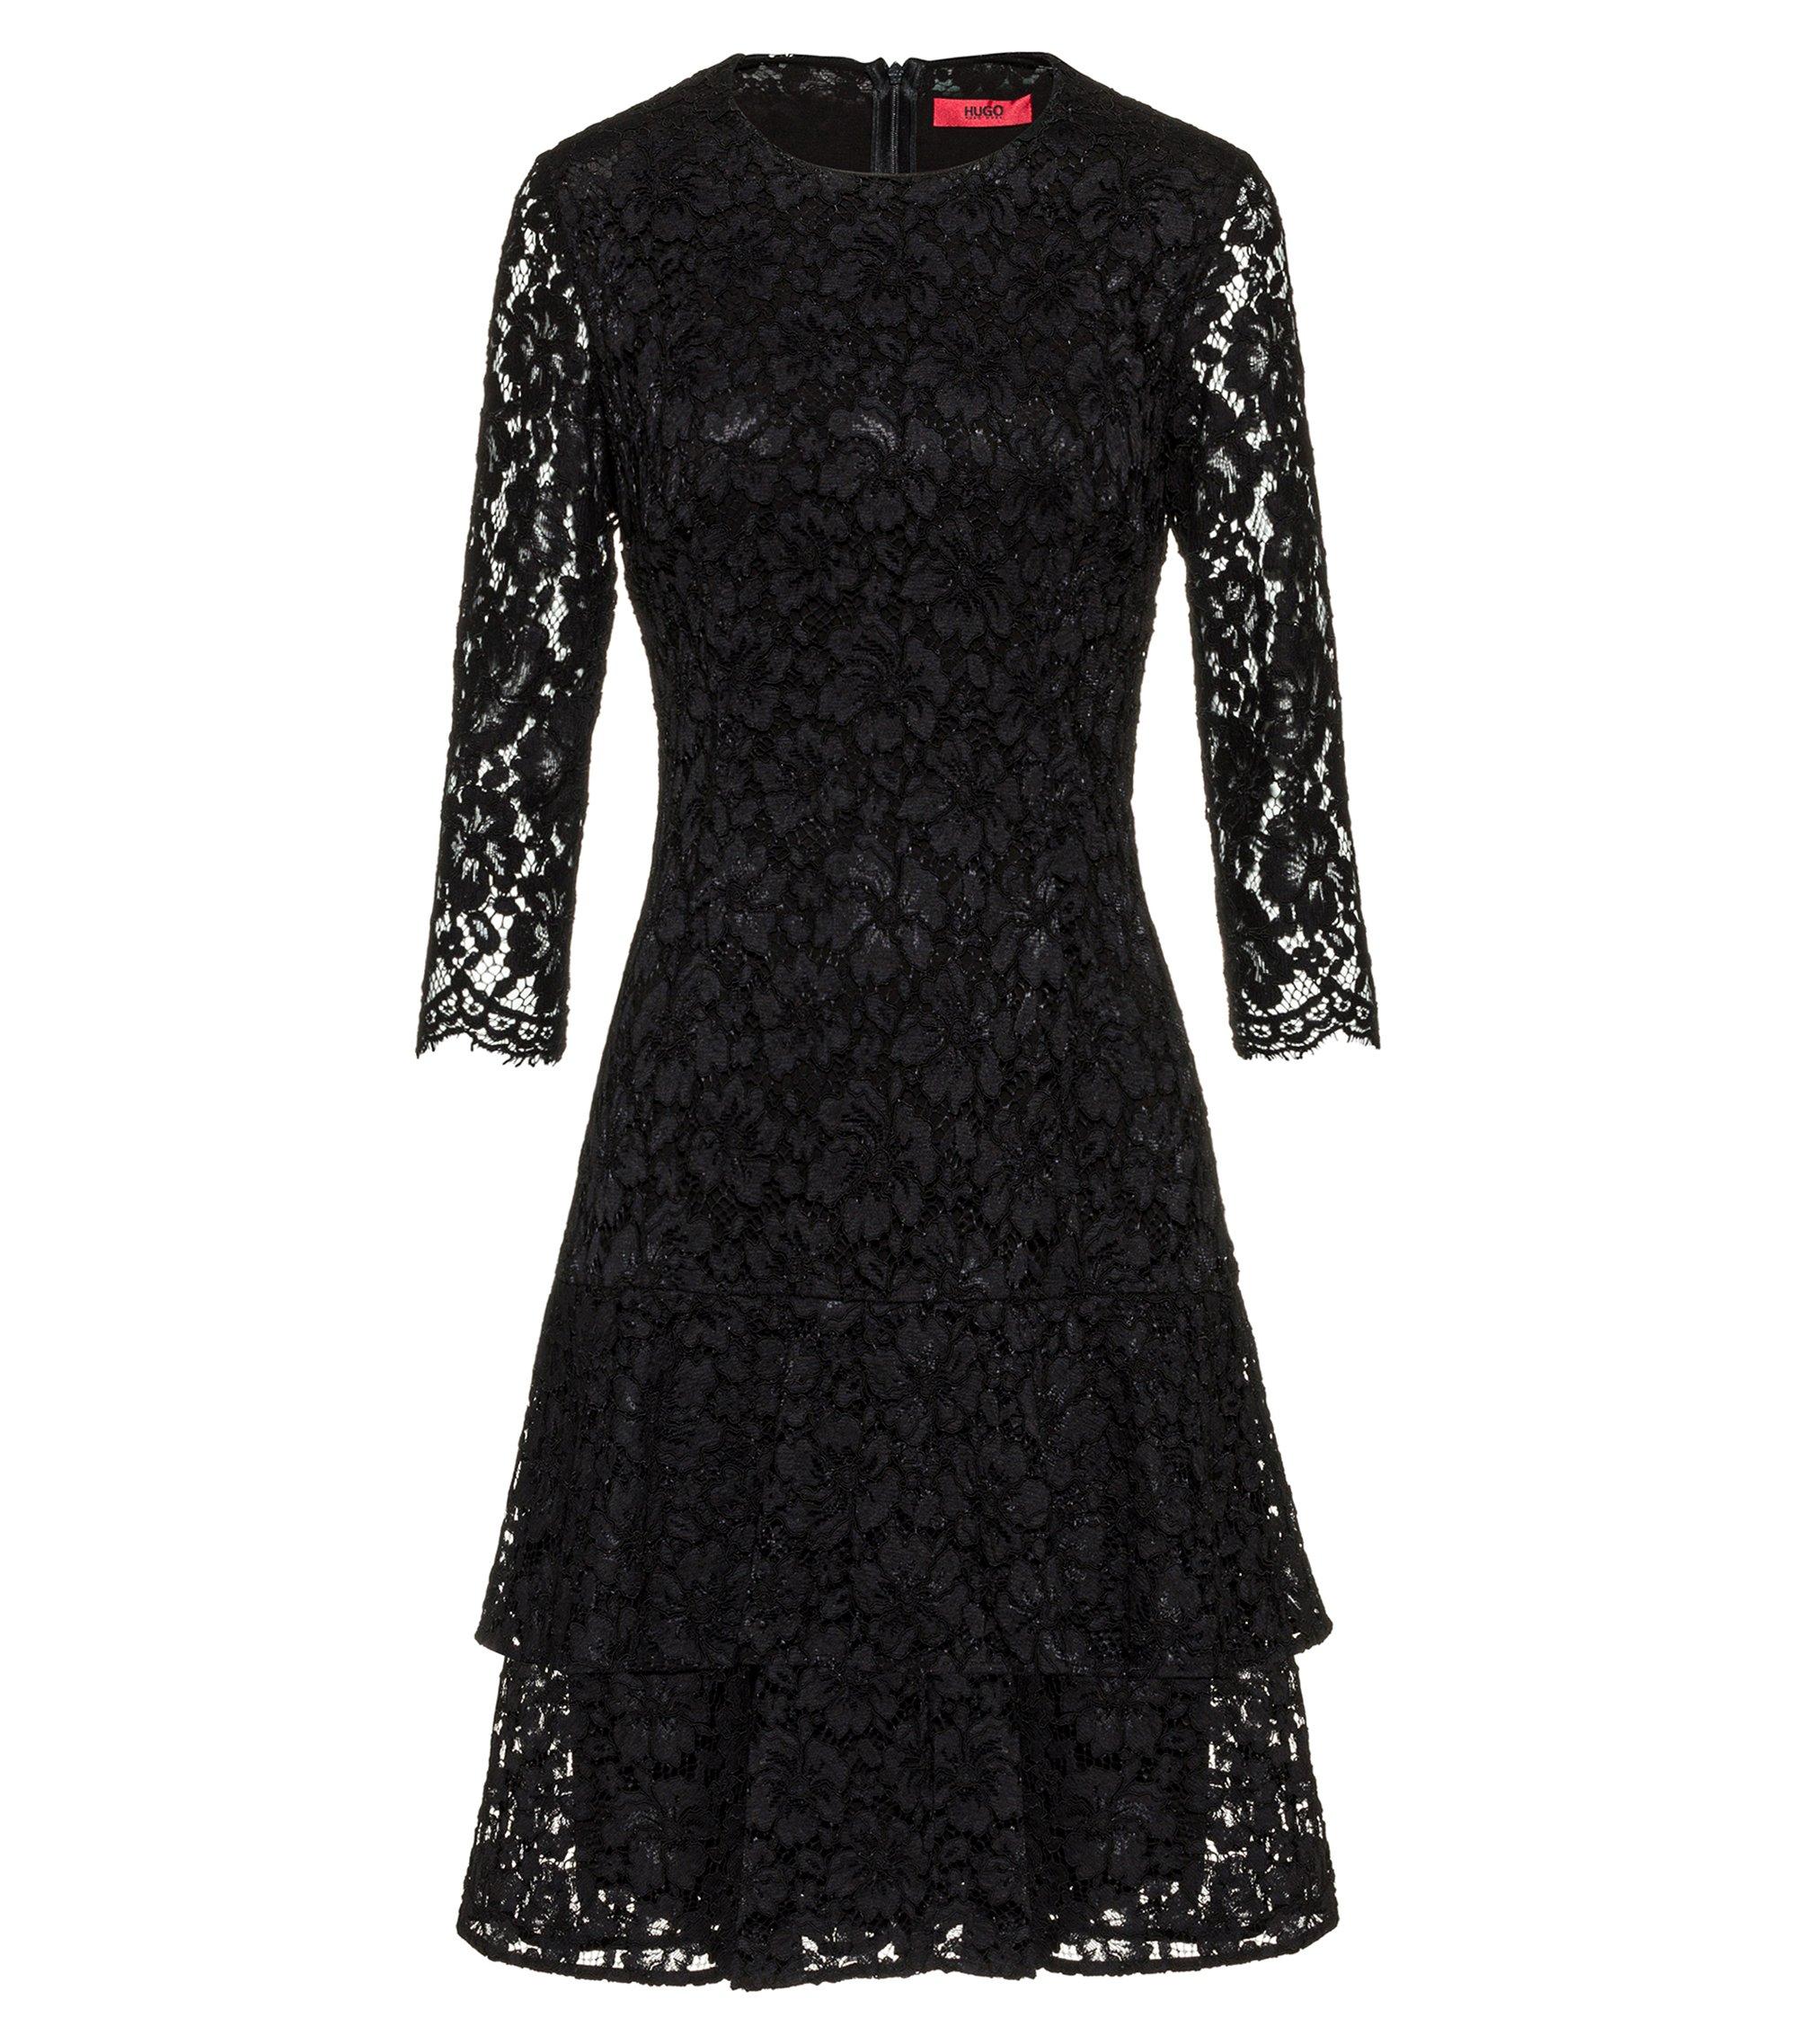 Kleid aus Spitze mit Volantrock, Gemustert